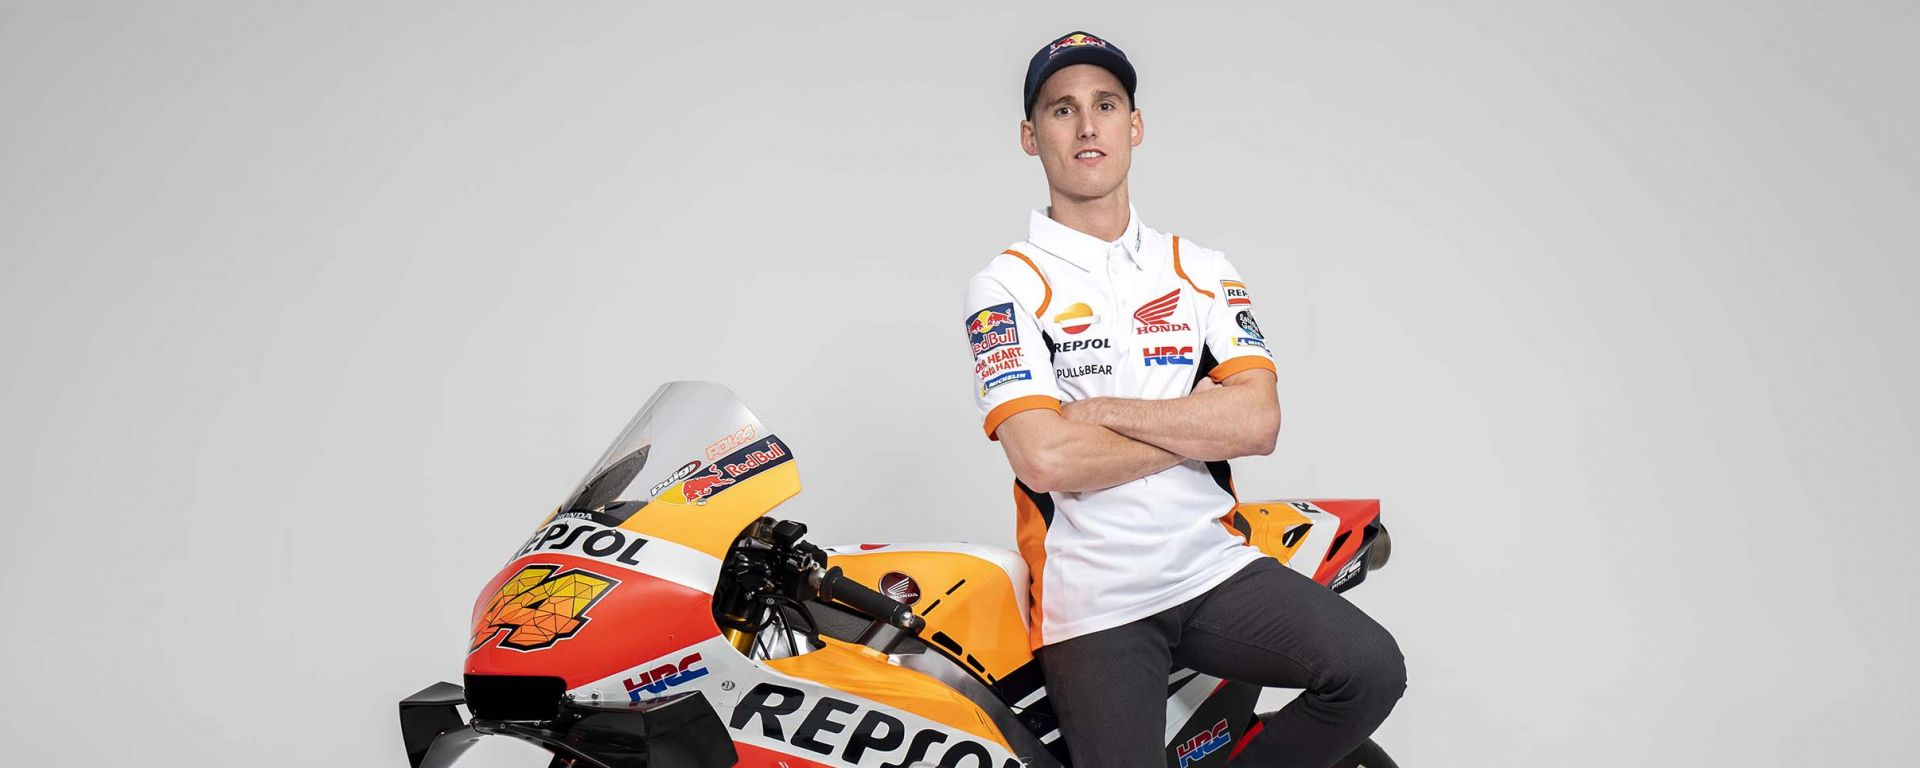 MotoGP 2021, Repsol Honda Team, Honda RC123V: Pol Espargaro